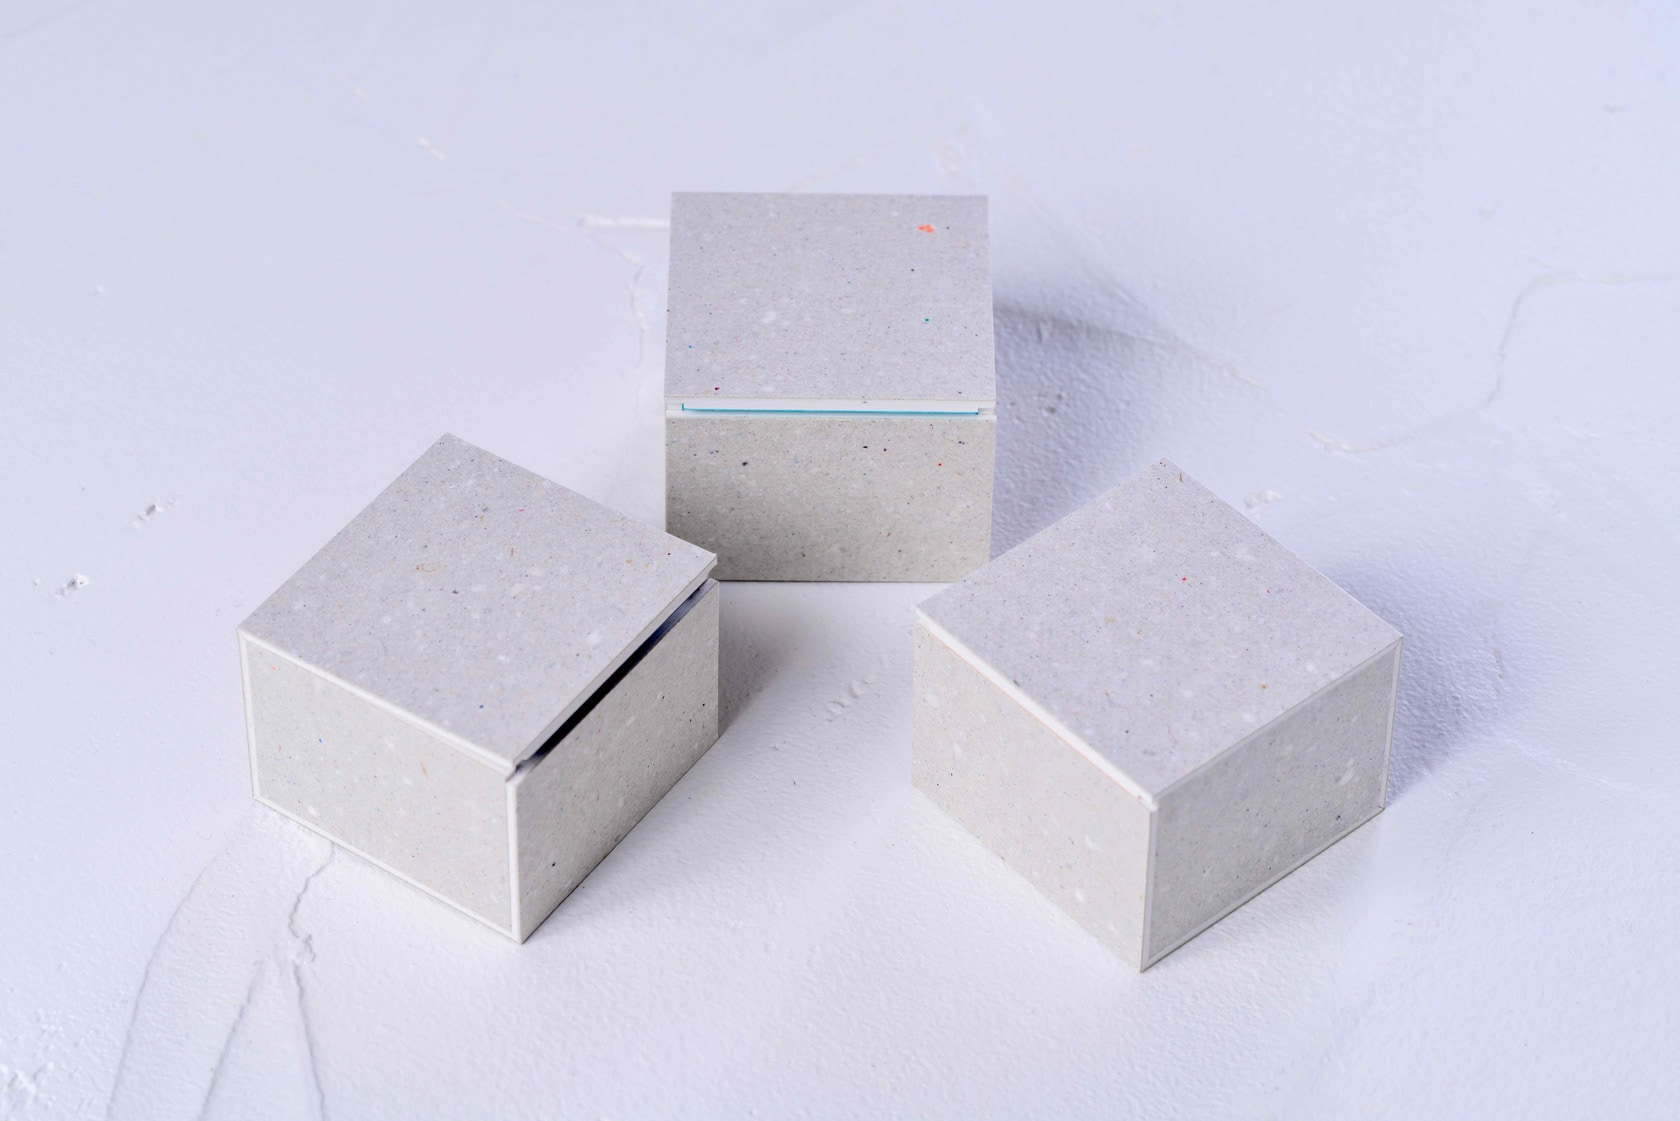 モリタのミニマムスペースボックス3,グレーの小さな紙箱